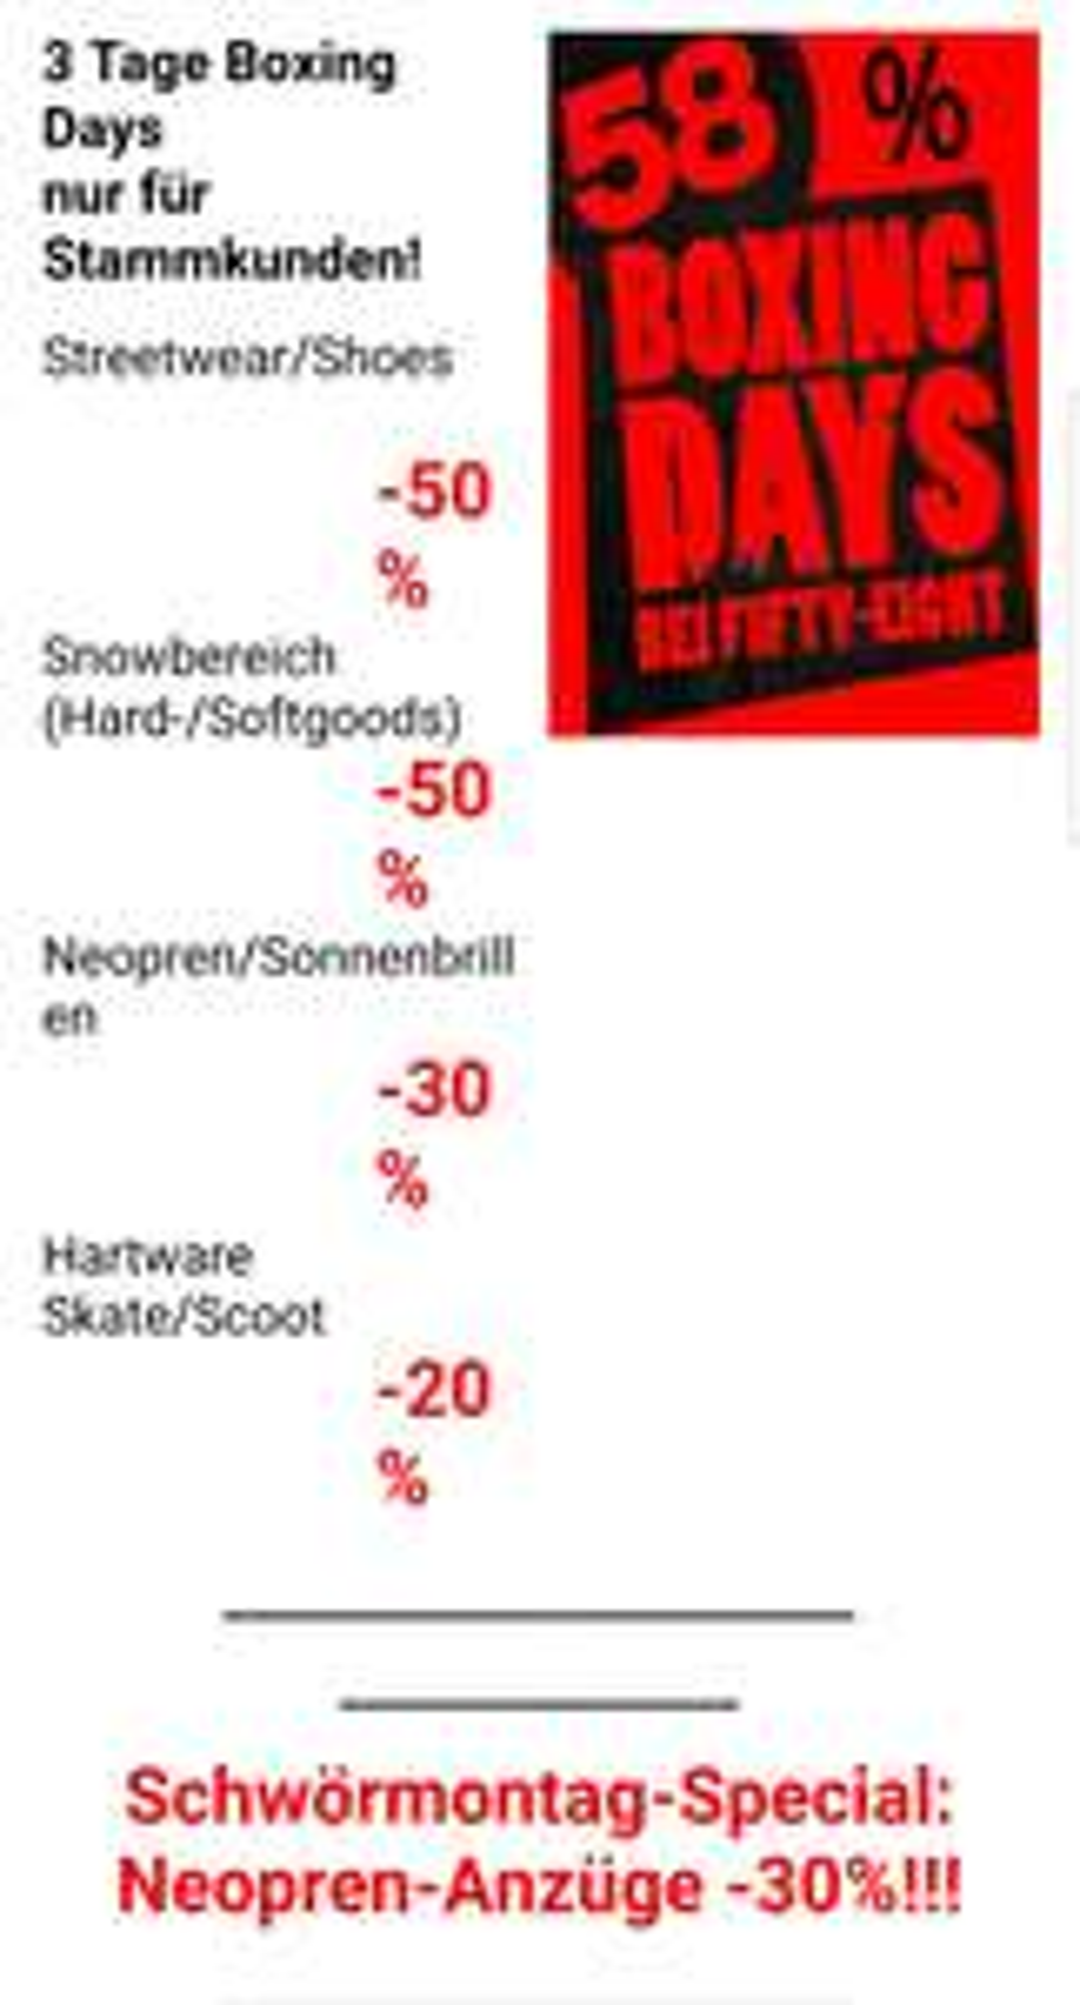 [Ulm] 58 Boxing Days 13-15.07 bis zu 50% Rabatt